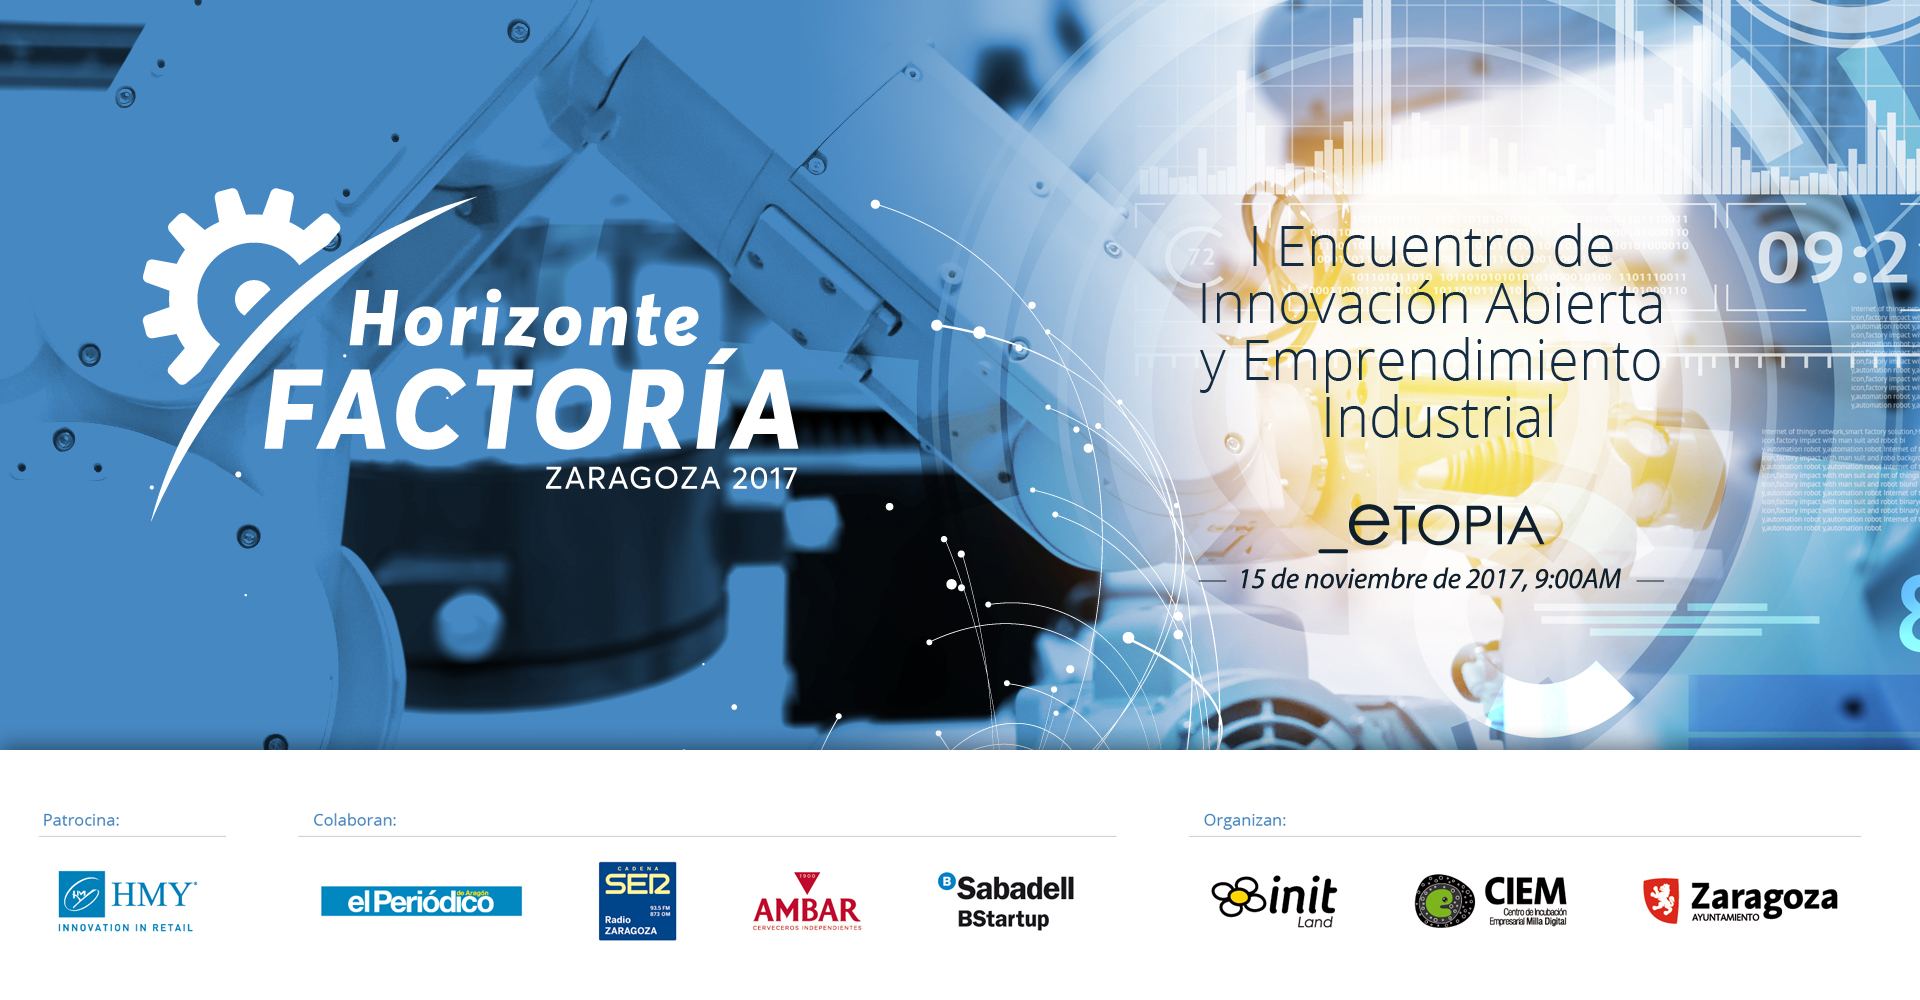 Horizonte Factoría I Encuentro de Innovación Abierta y Emprendimiento Industrial